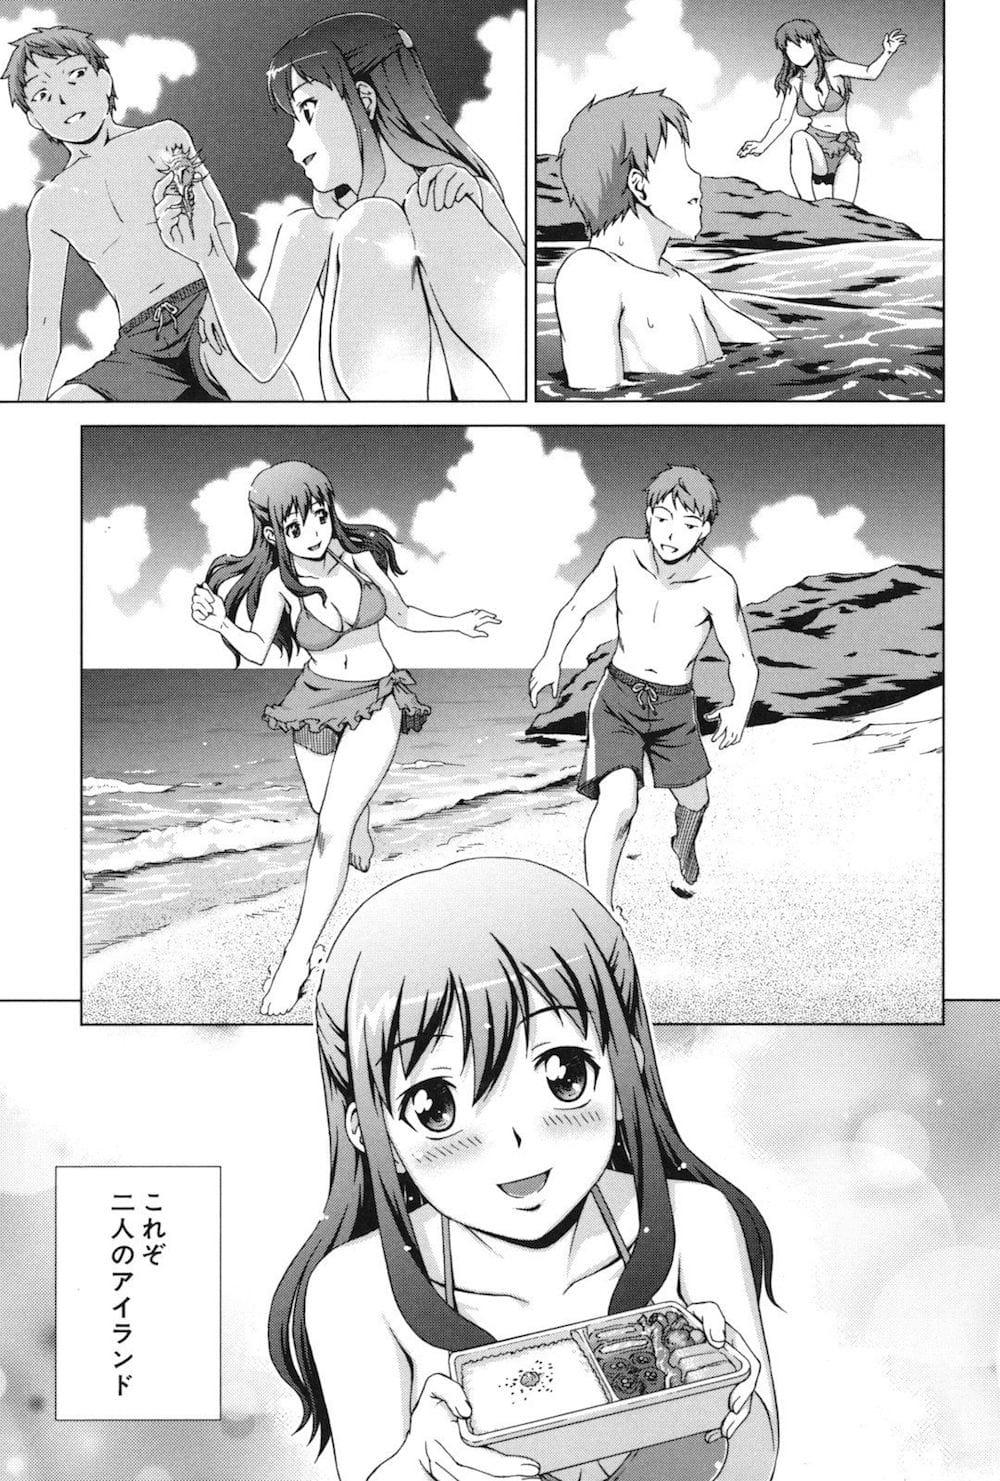 【長編エロ漫画・第2話】痴漢から助け許婚となった同級生JK!成り行きでハネムーンみたいと二人で海に行くことに!離れ島で遭難してしまい、好きしゅき青姦SEX!【しのぎ鋭介】